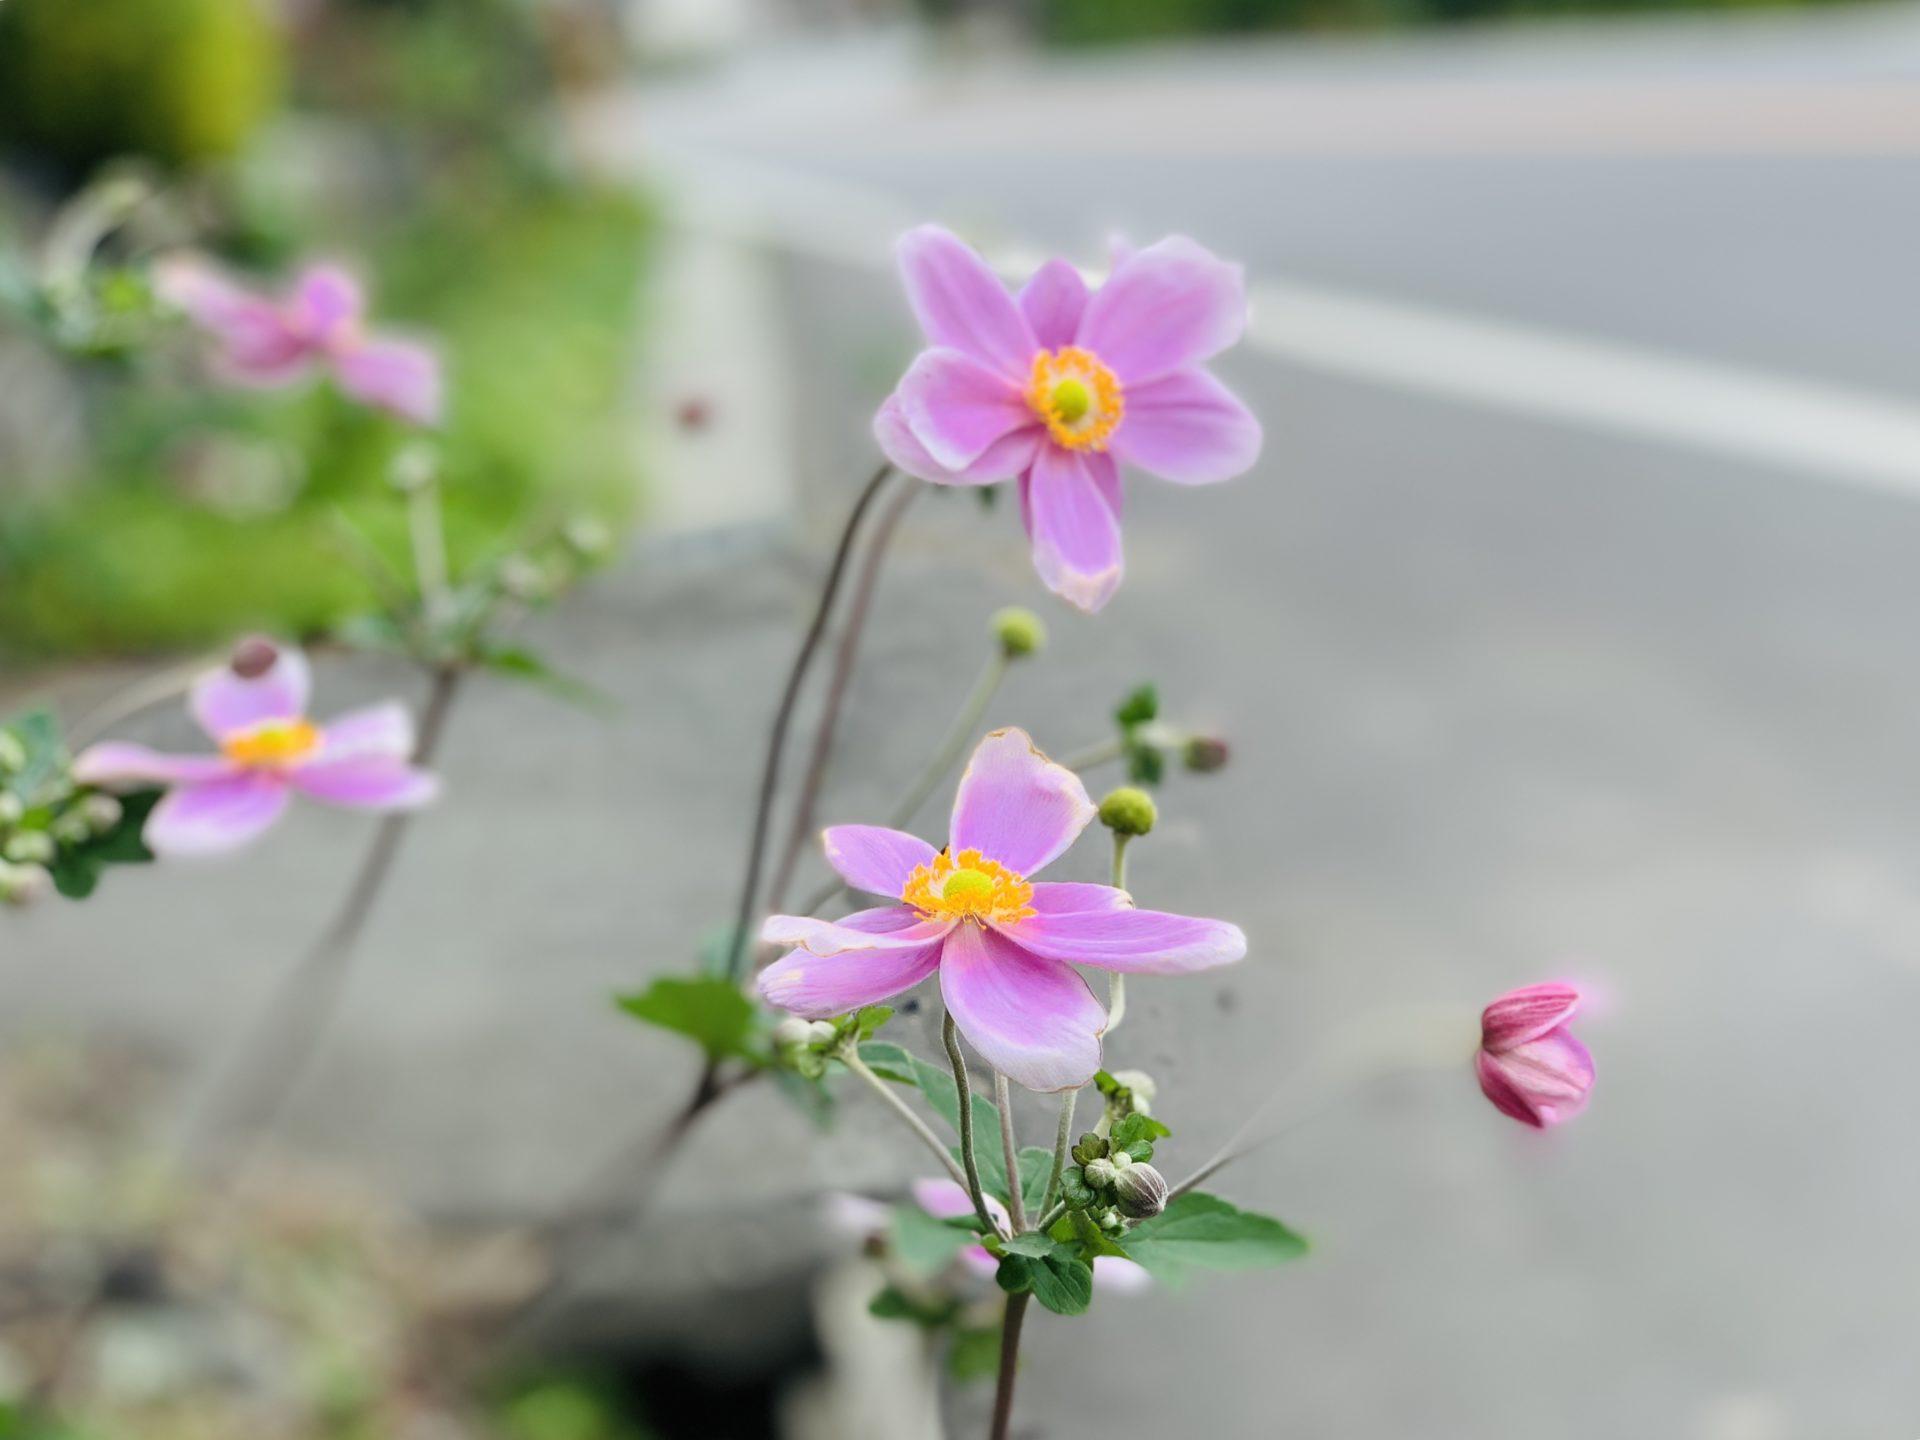 ランニングの沿道で見つけた花